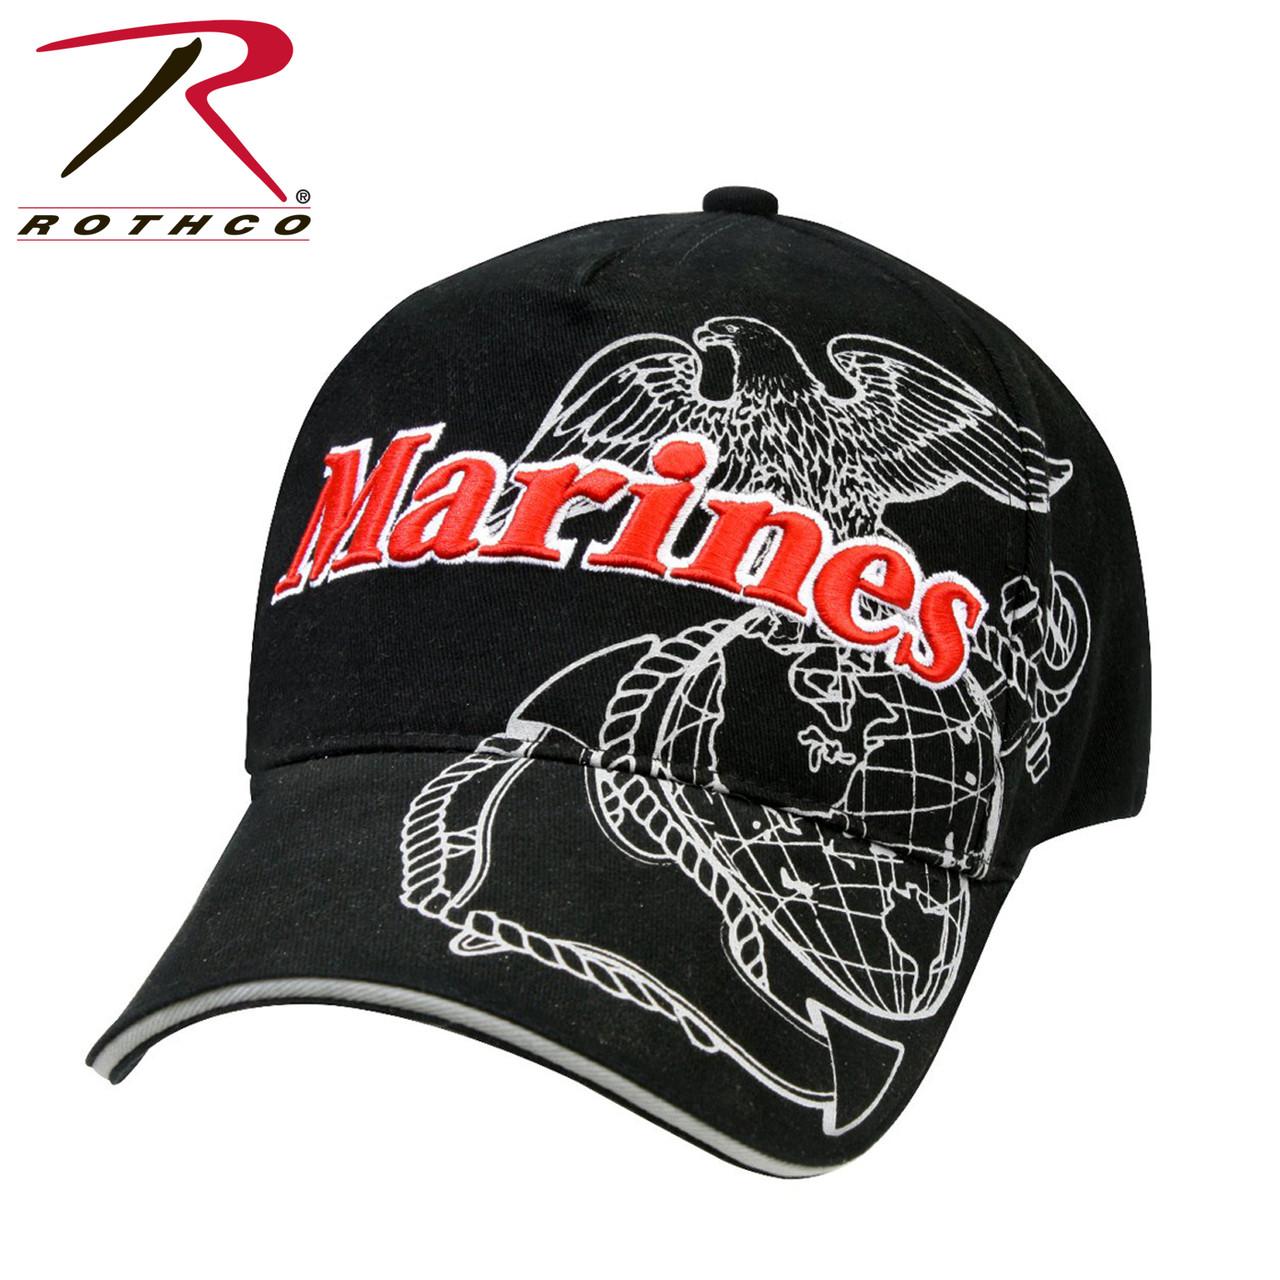 e022eb2dd71 Rothco Deluxe Marines G A Low Profile Insignia Cap